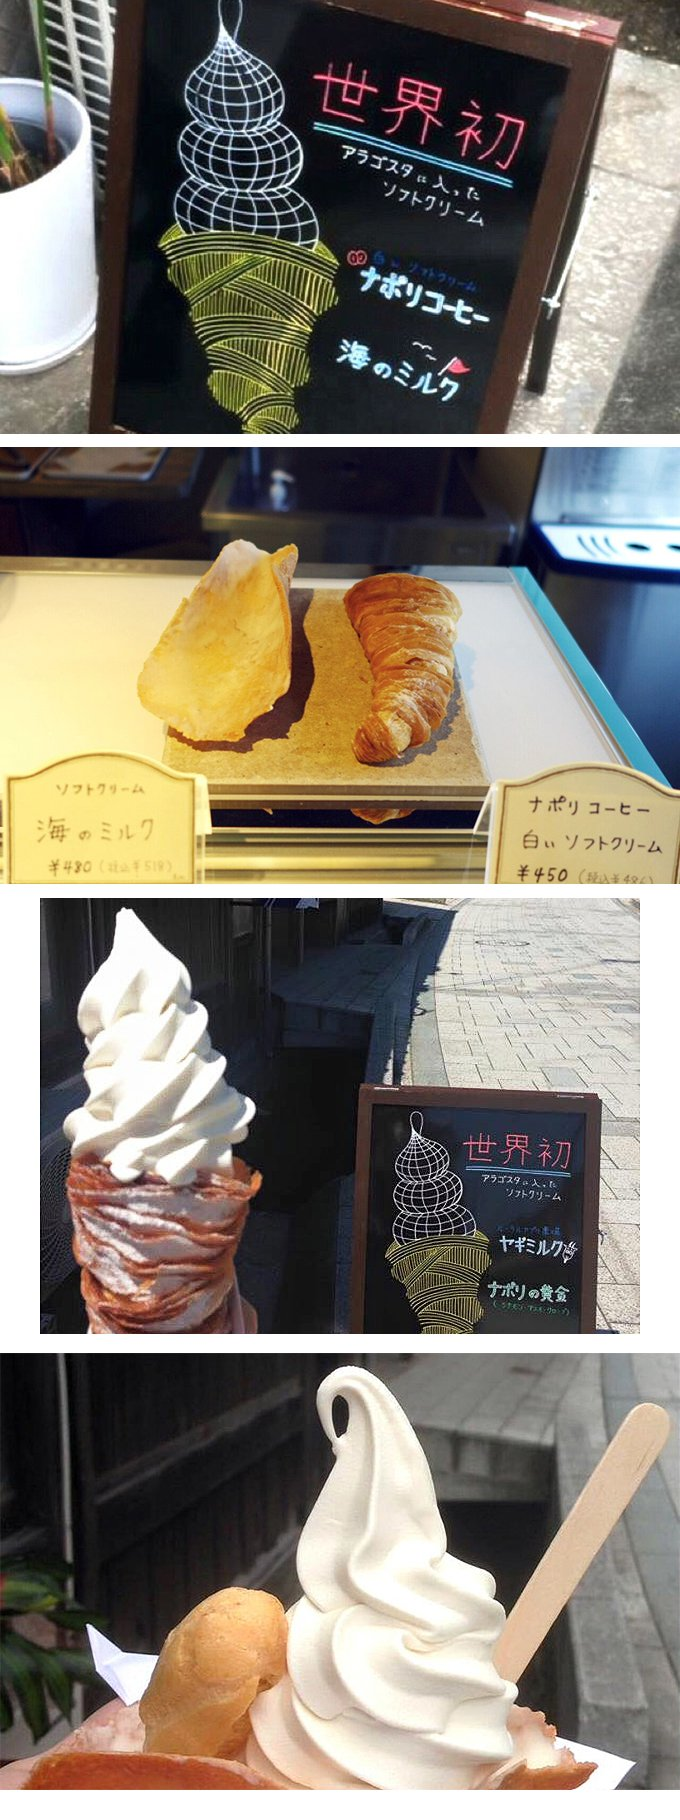 世界初のアラゴスタ菓子登場!兵庫赤穂「坂利太」から本場ナポリテイストを発信